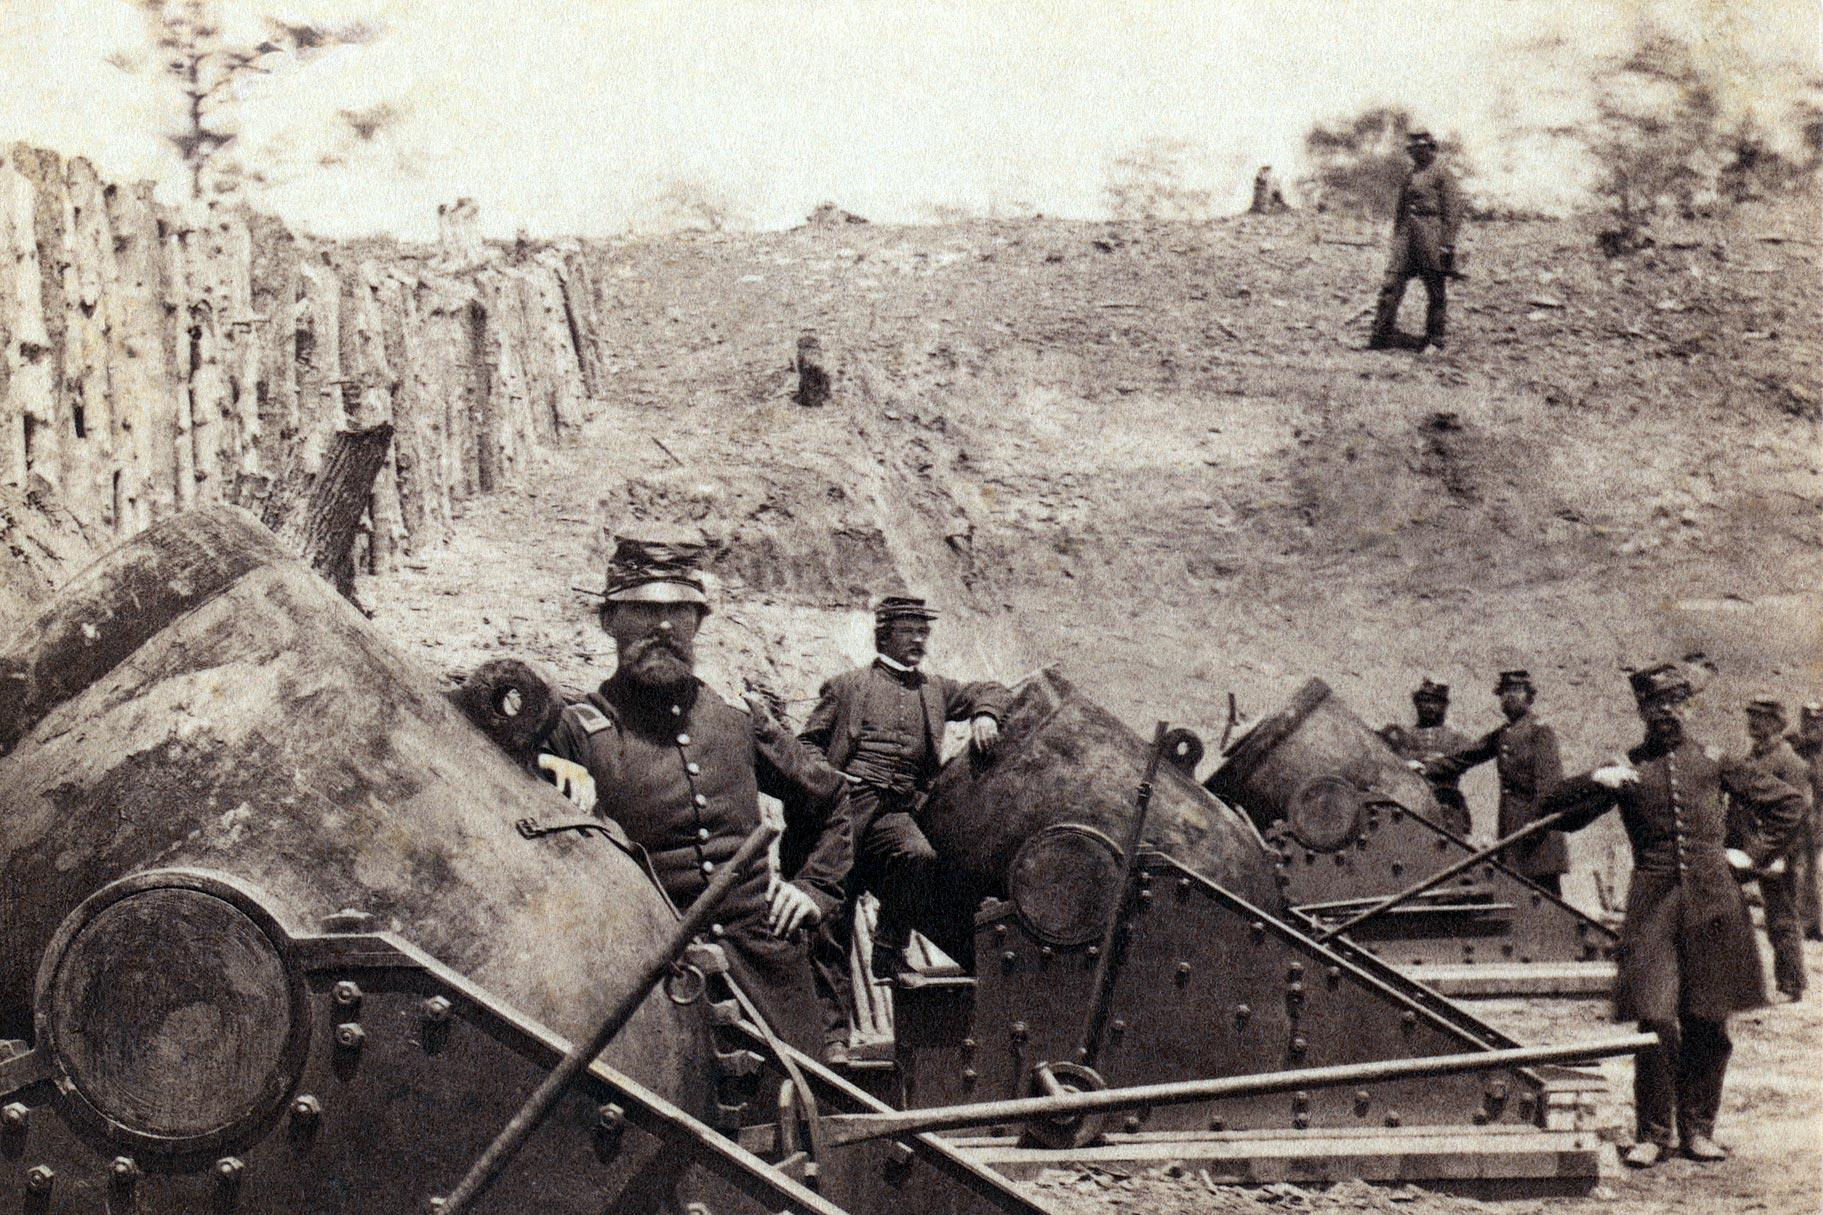 Union artillery at Yorktown, circa 1862. (James F. Gibson/Library of Congress)